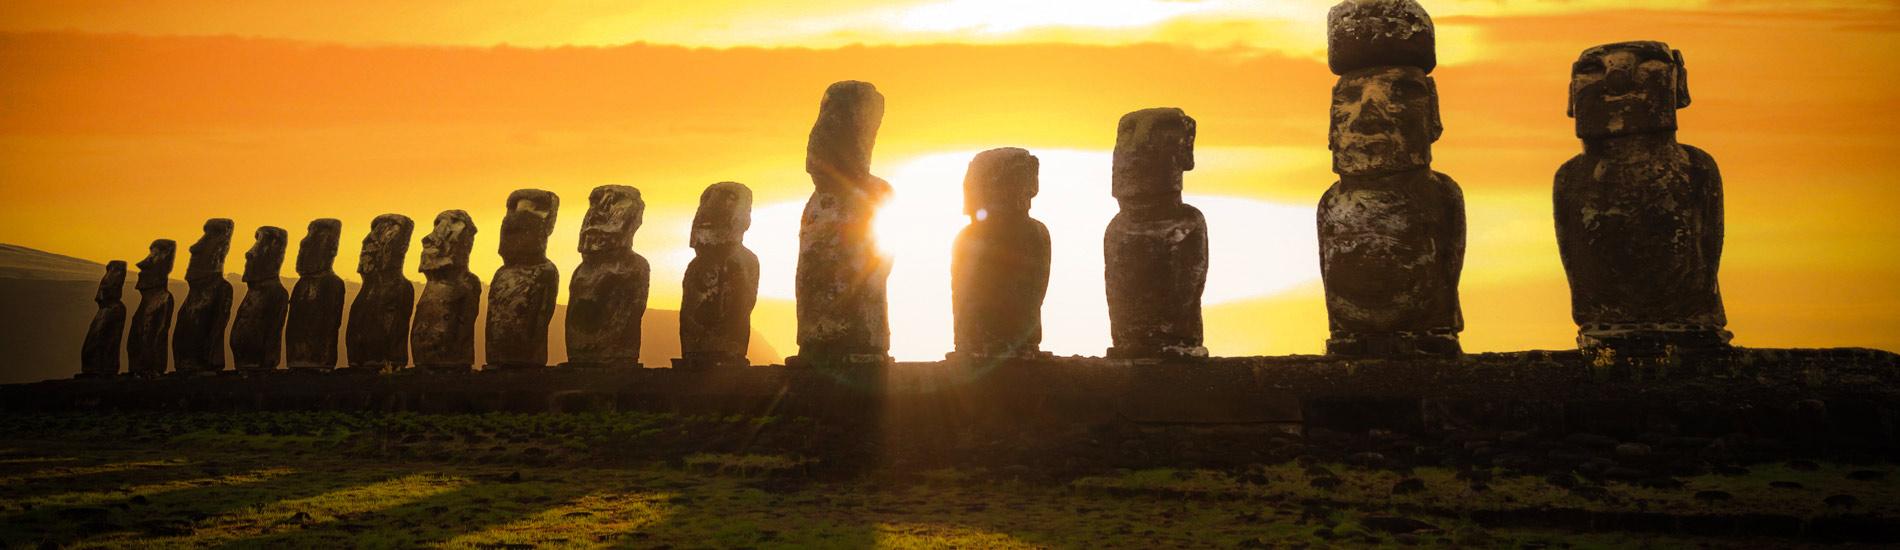 Easter Island 復活節島